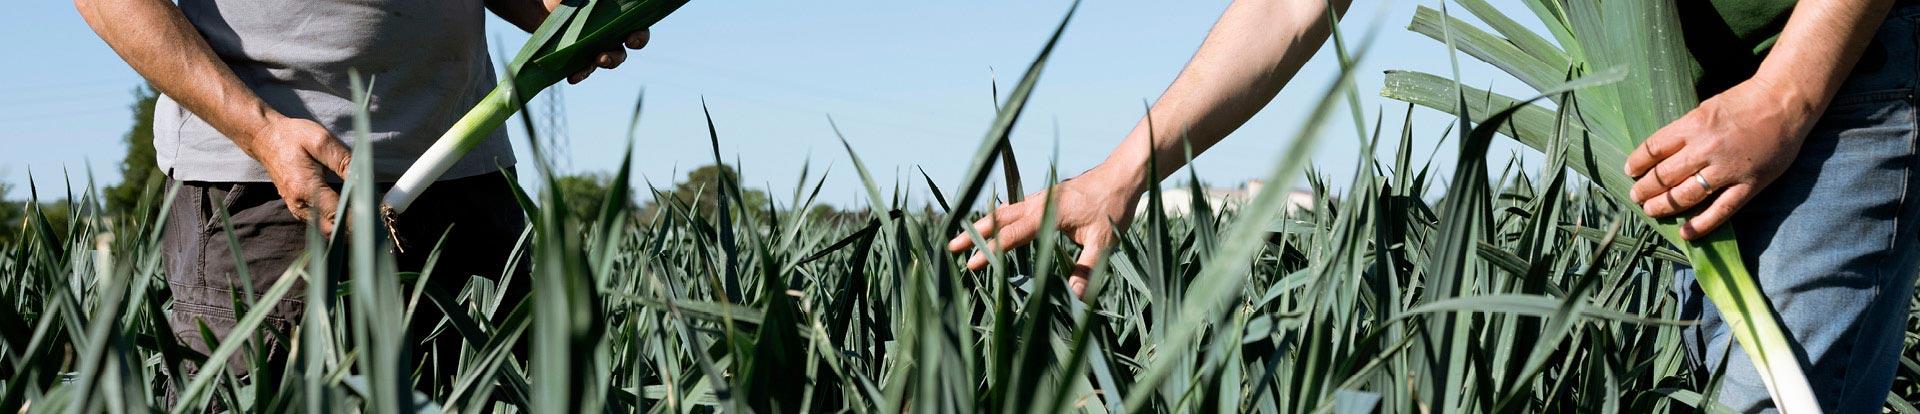 Louis et Bertrand dans leur champ de poireaux primeur sous un ciel clair, photo cadrée sur leurs mains